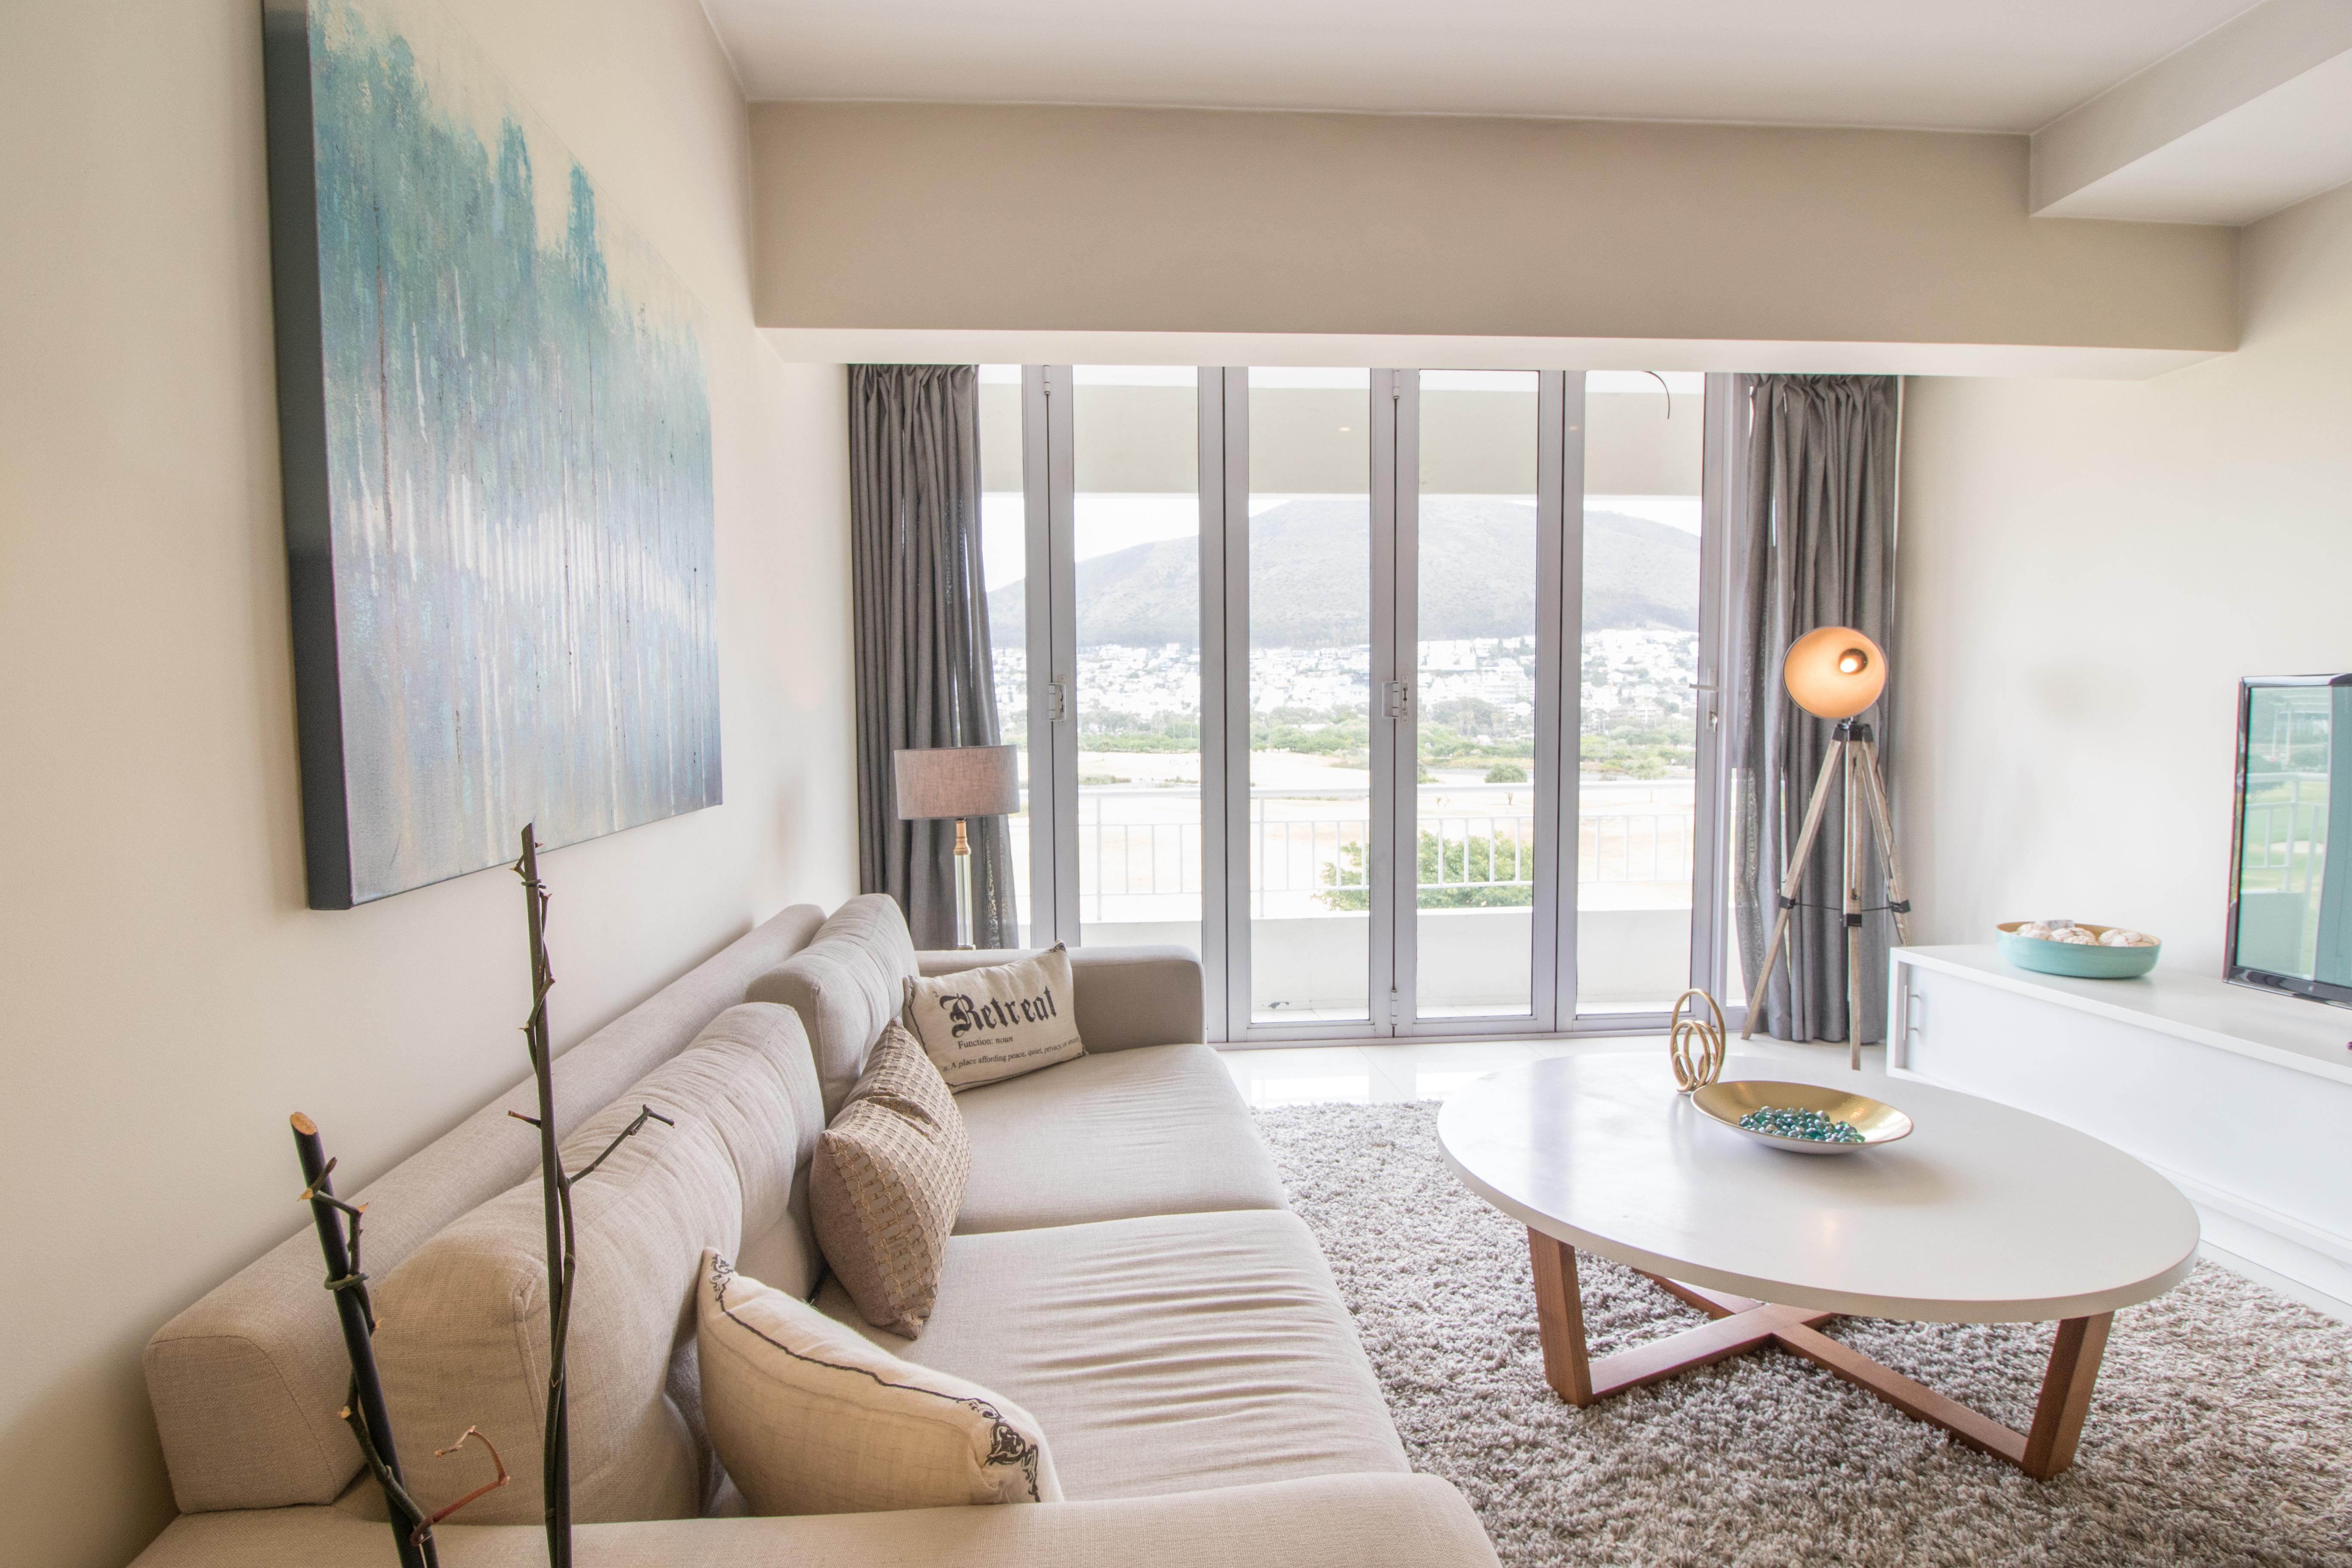 Mouille Point Village apartment lounge area